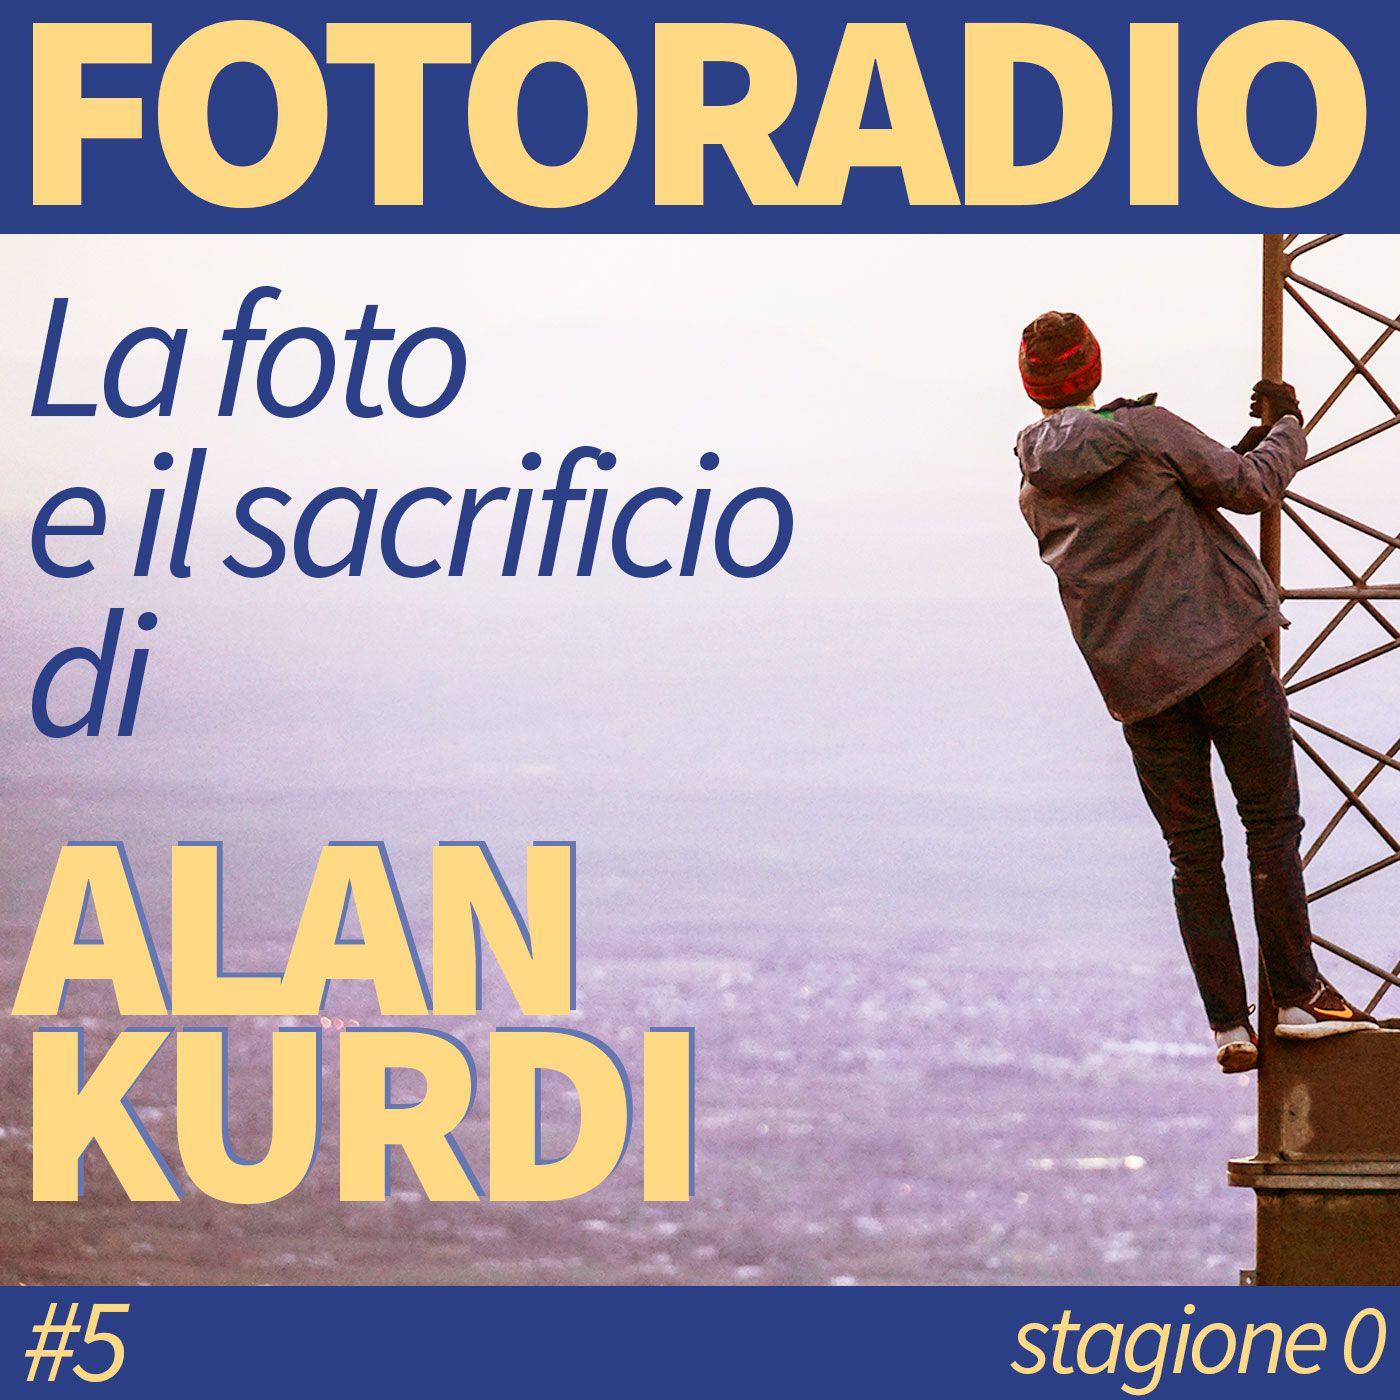 ALAN KURDI: la foto e il sacrificio